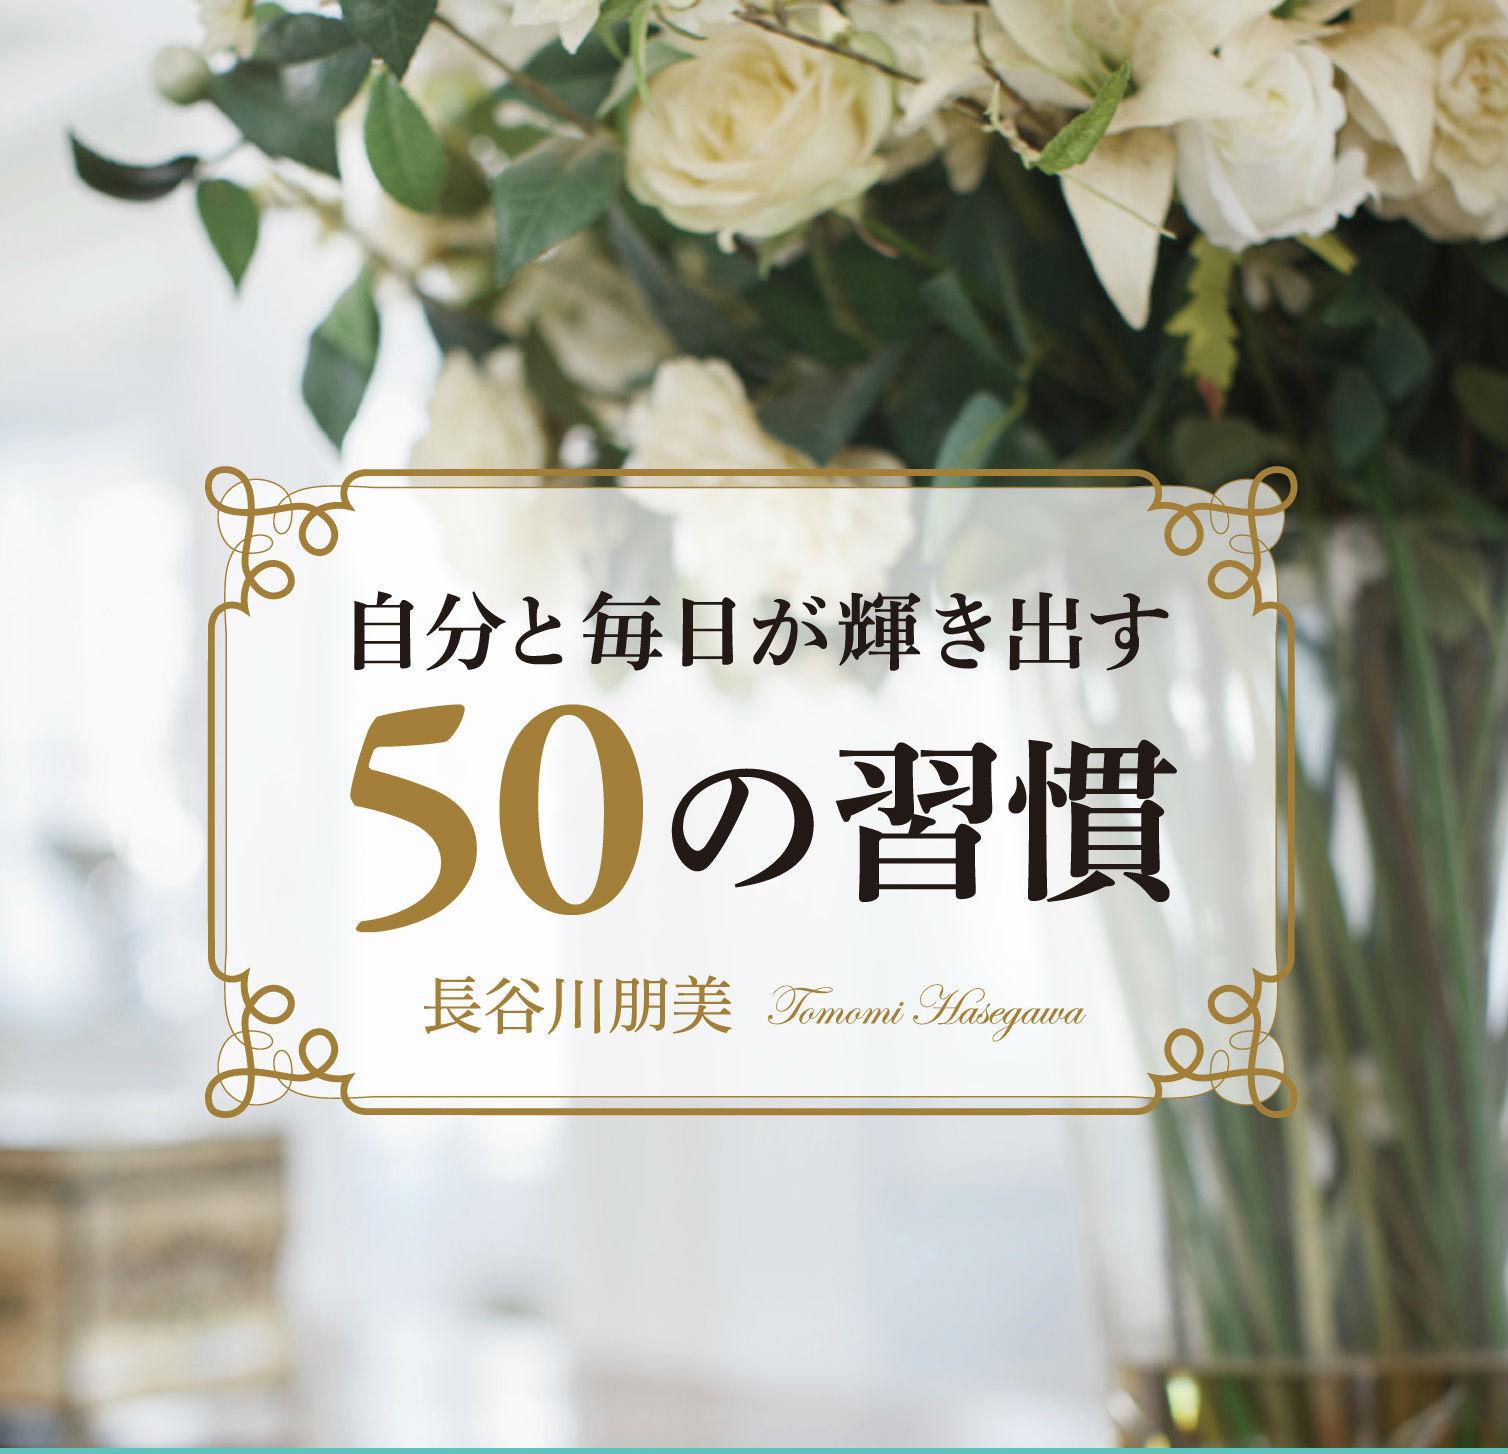 長谷川朋美さん最新刊『自分と毎日が輝き出す50の習慣』発売&サイン会決定!